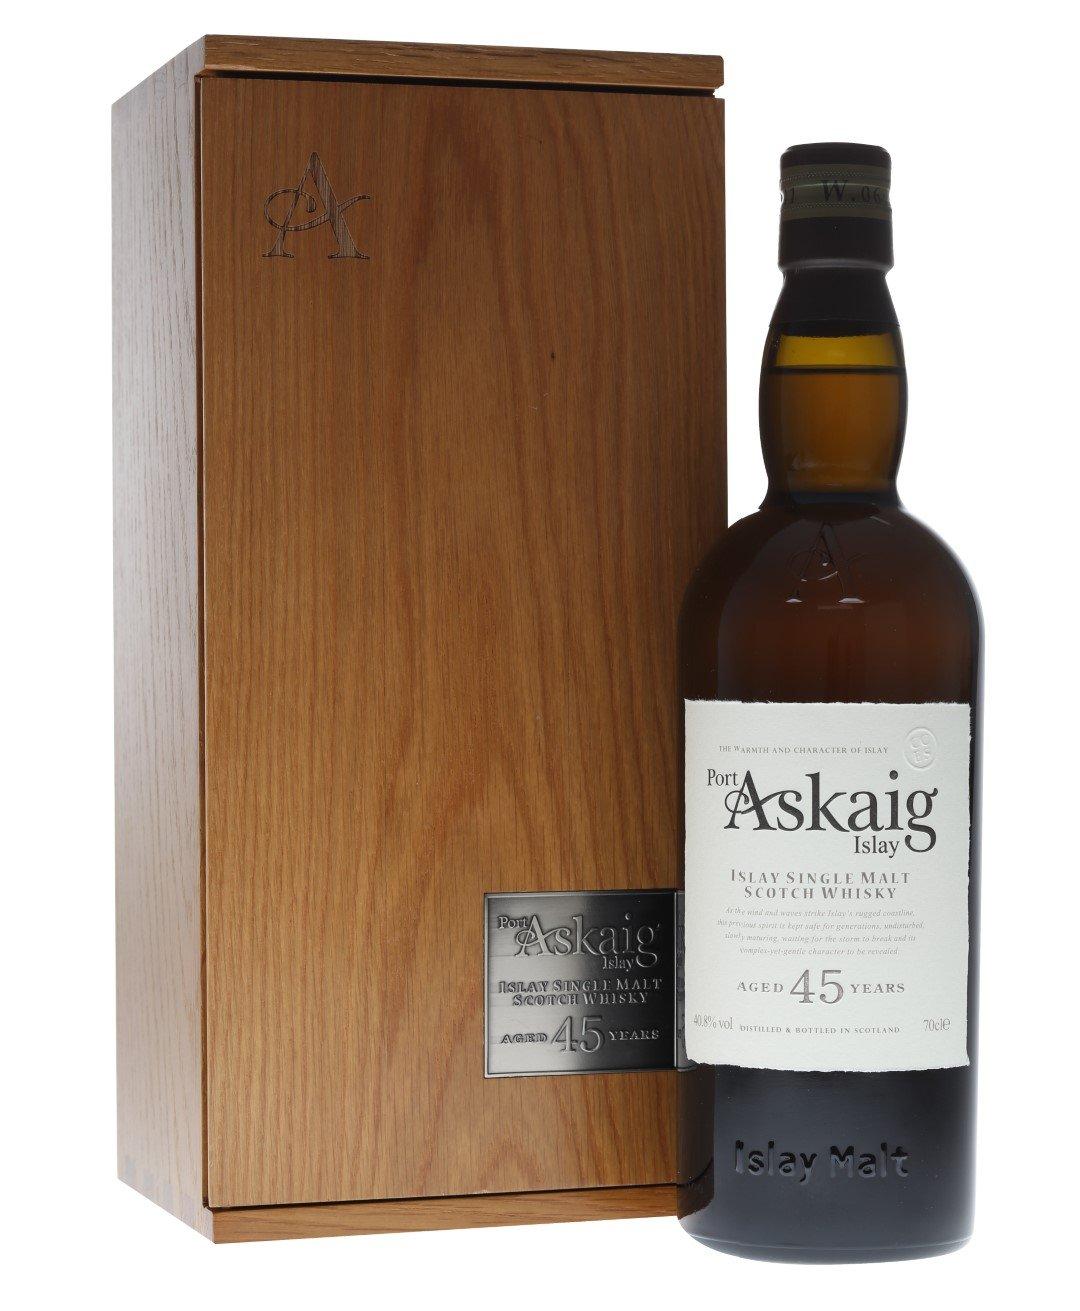 Port Askaig 45 Years Old